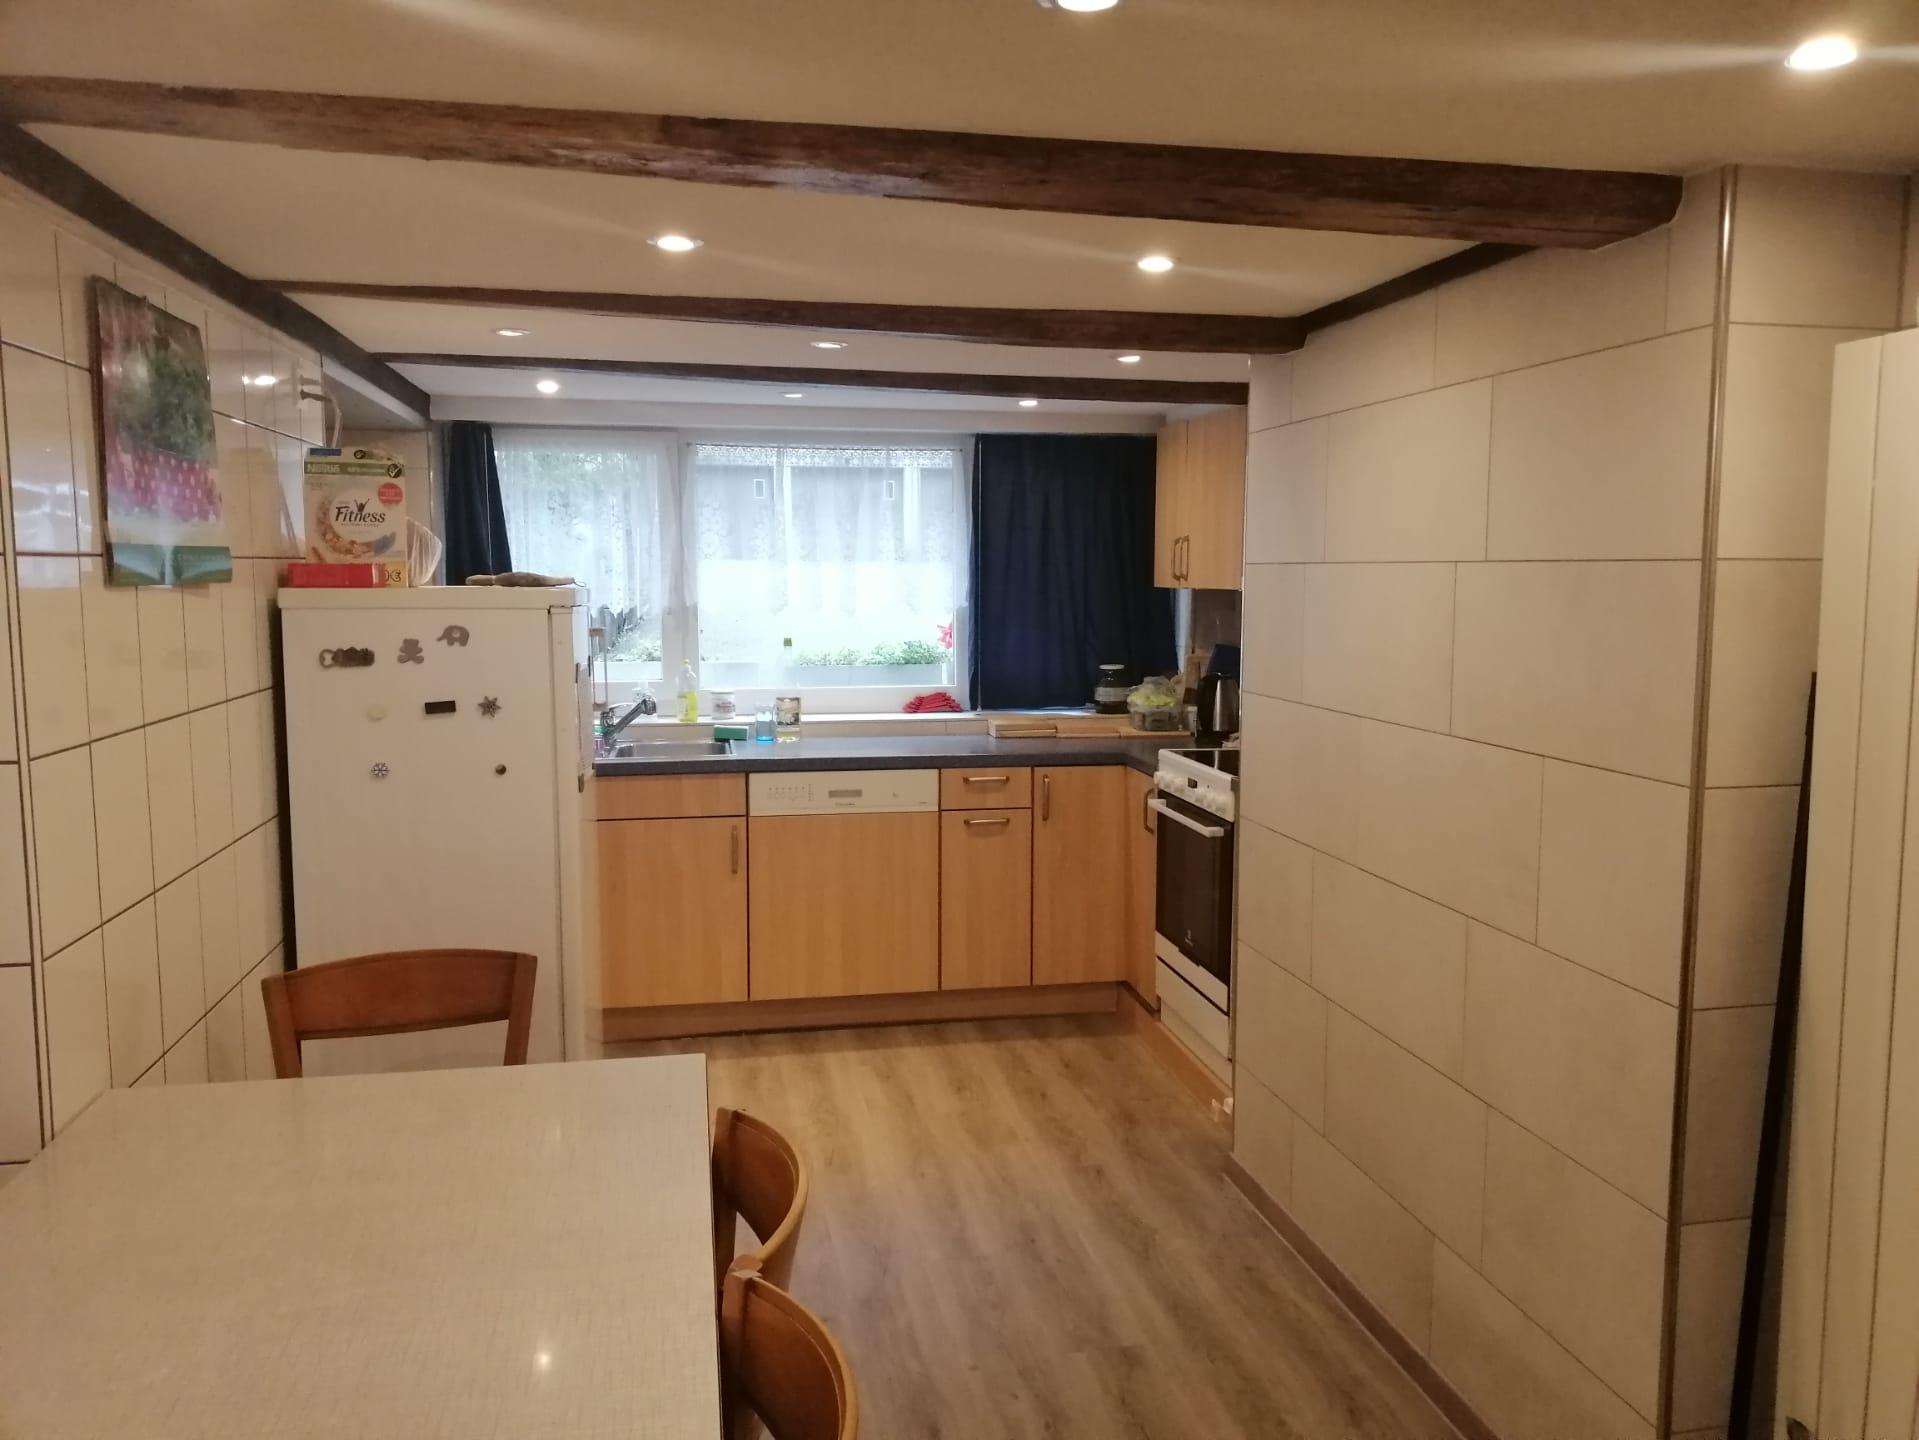 Firmen Unterkunft für mehrere Arbeiter/ Personen, mit Küche, zur Zeit besetzt! Sorry